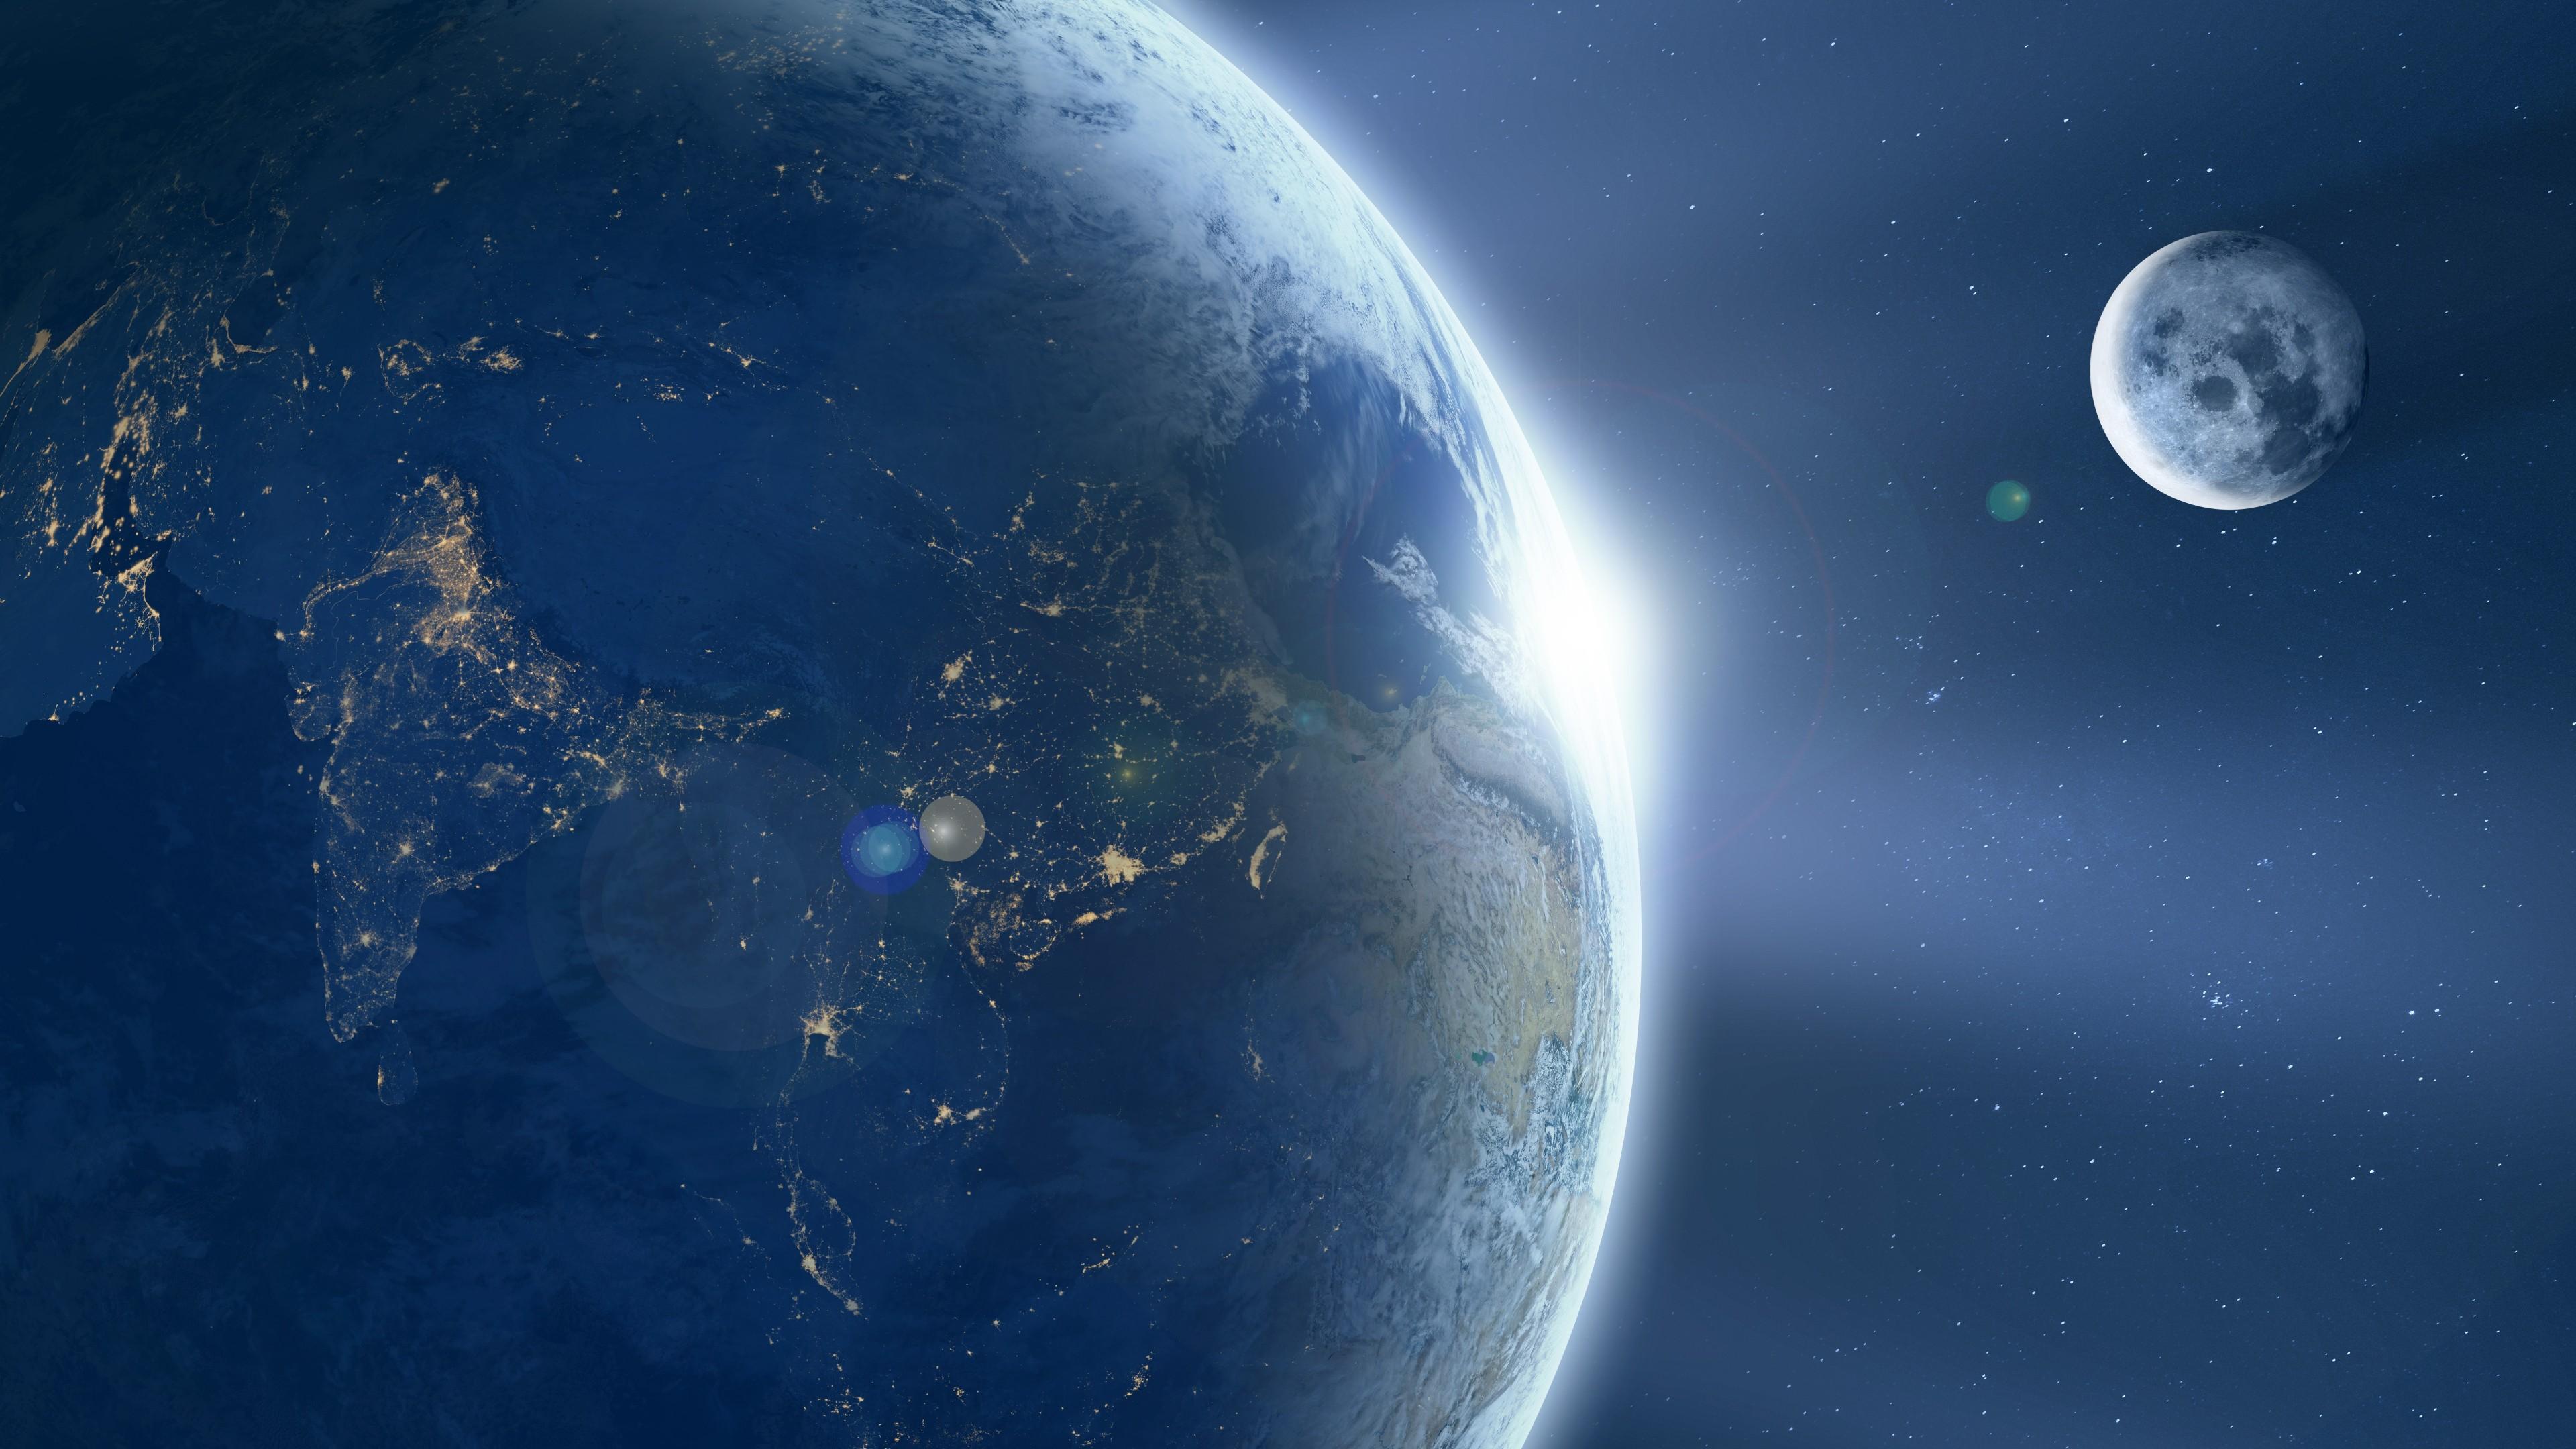 Голубая планета и ее единственный спутник Луна в космосе